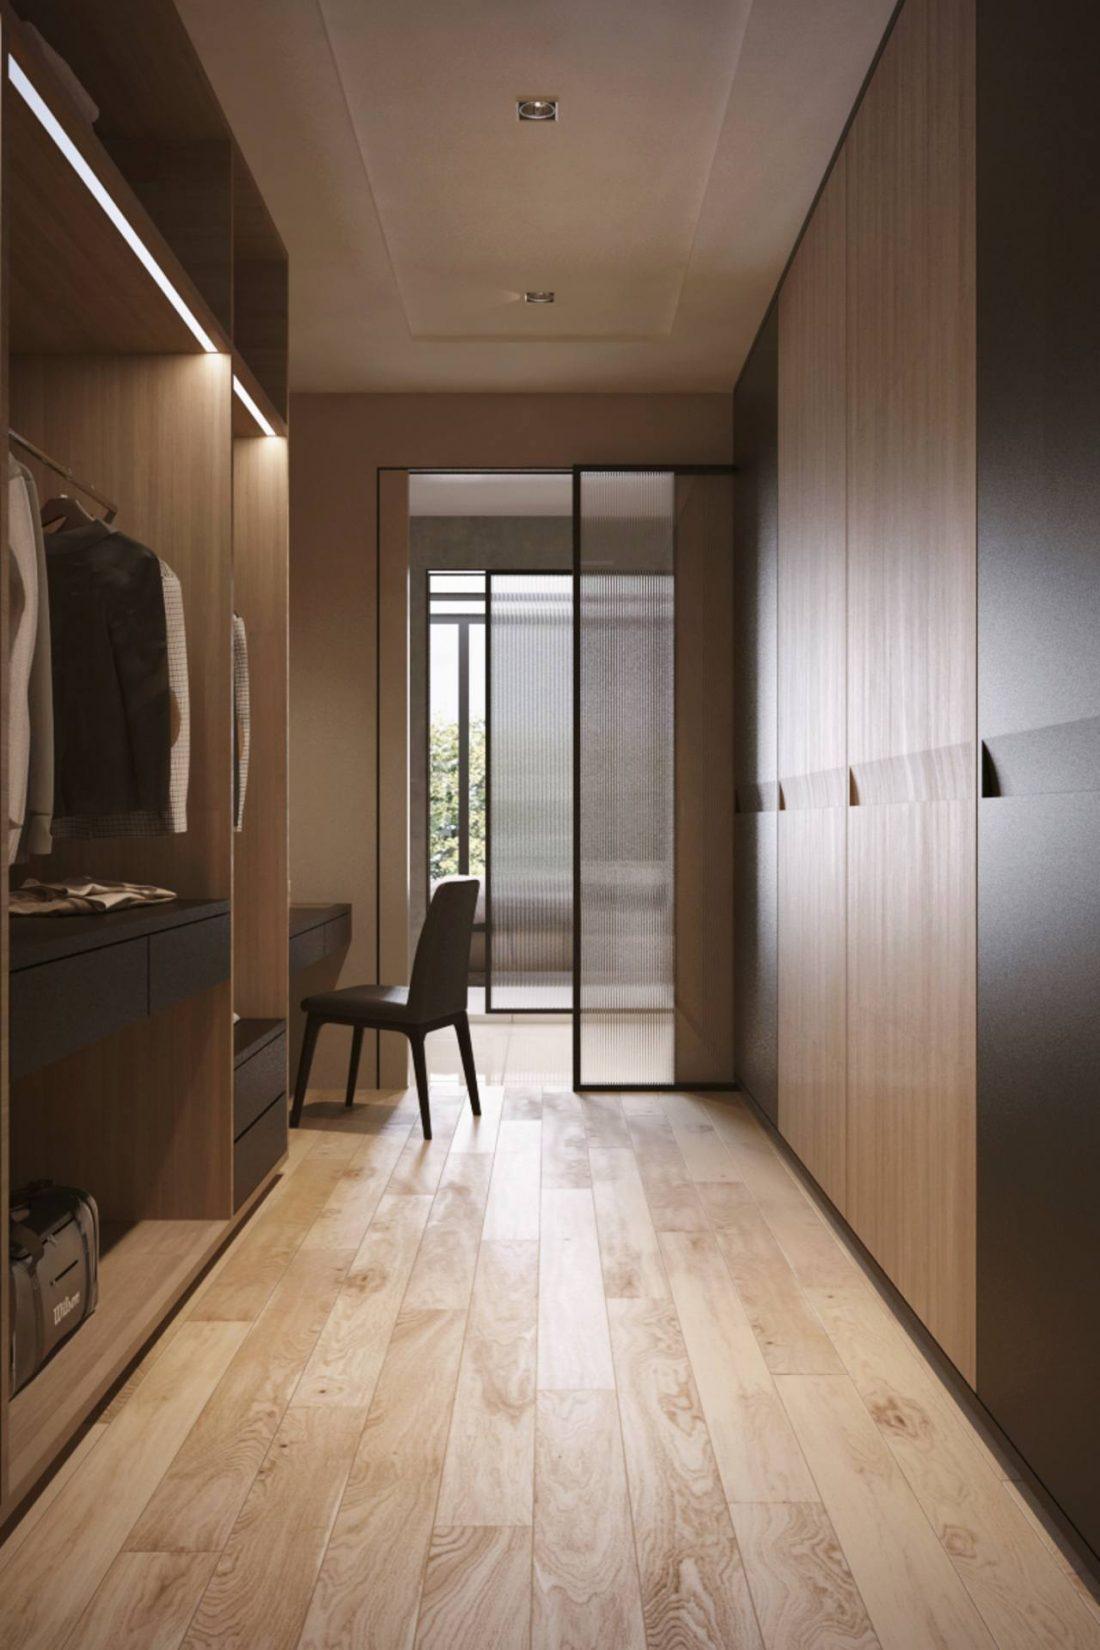 Interior Design Private Bungalow Alor Setar Kedah Malaysia Master Bathroom Design v3